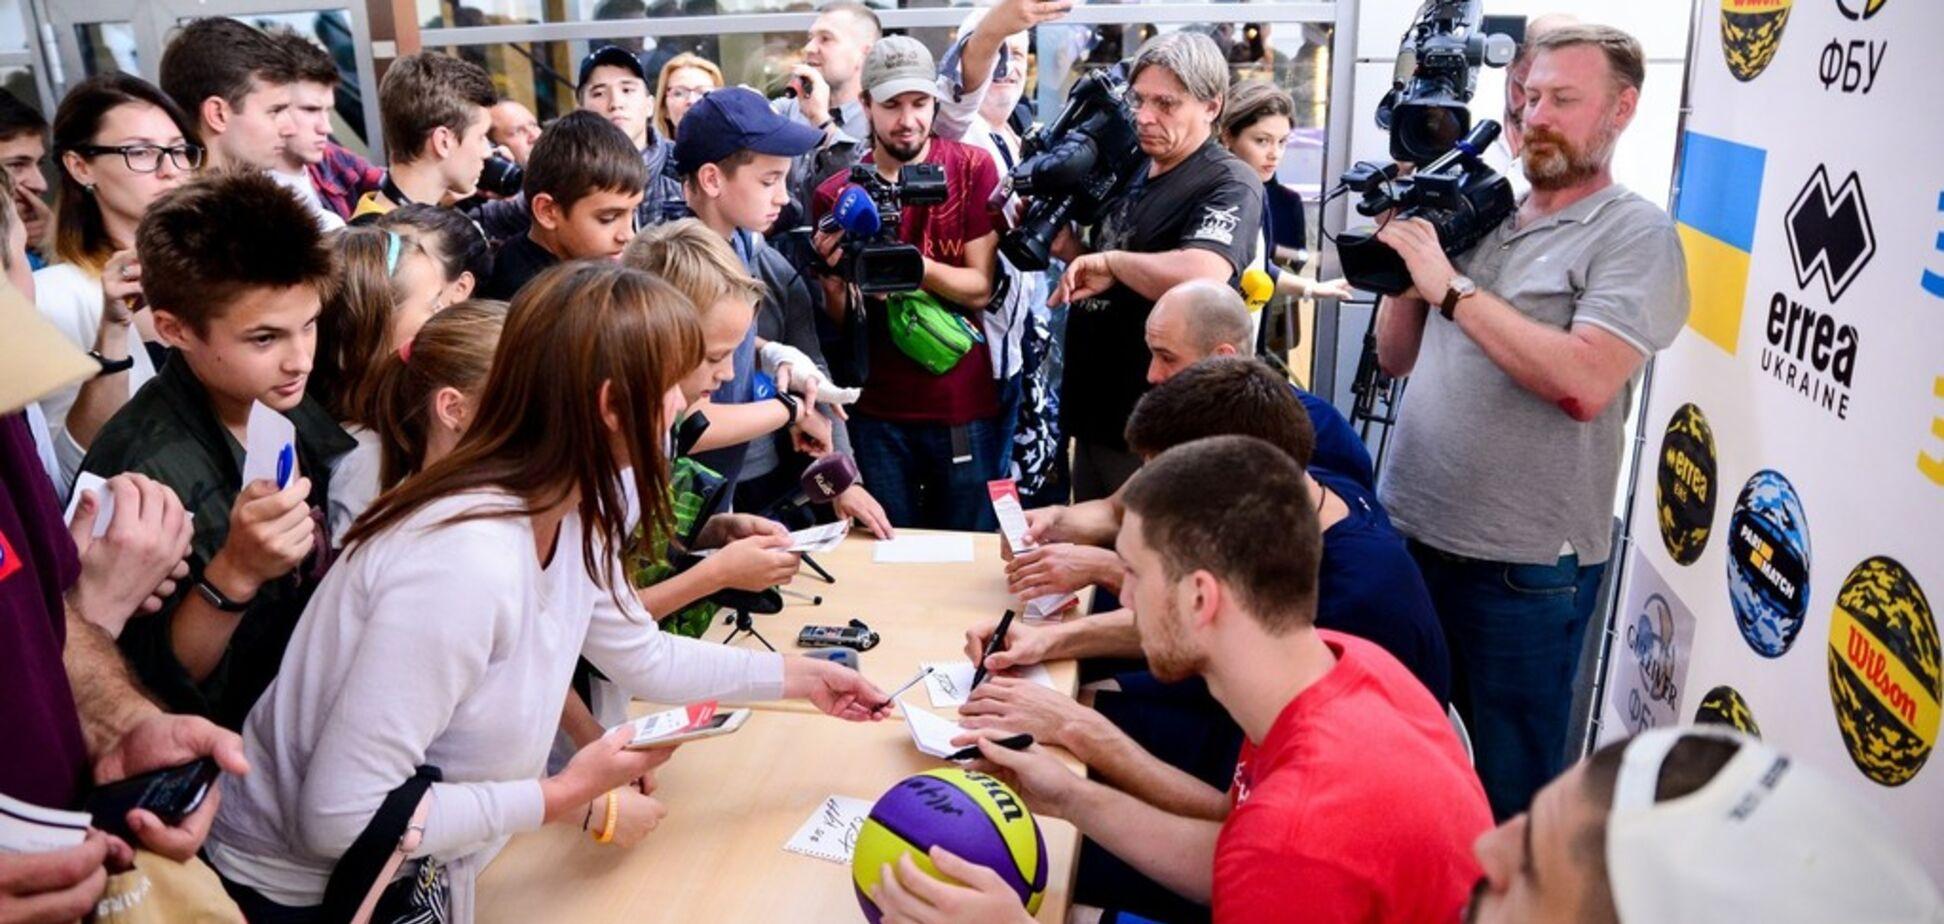 Баскетболісти збірної України викликали нереальний ажіотаж у Києві